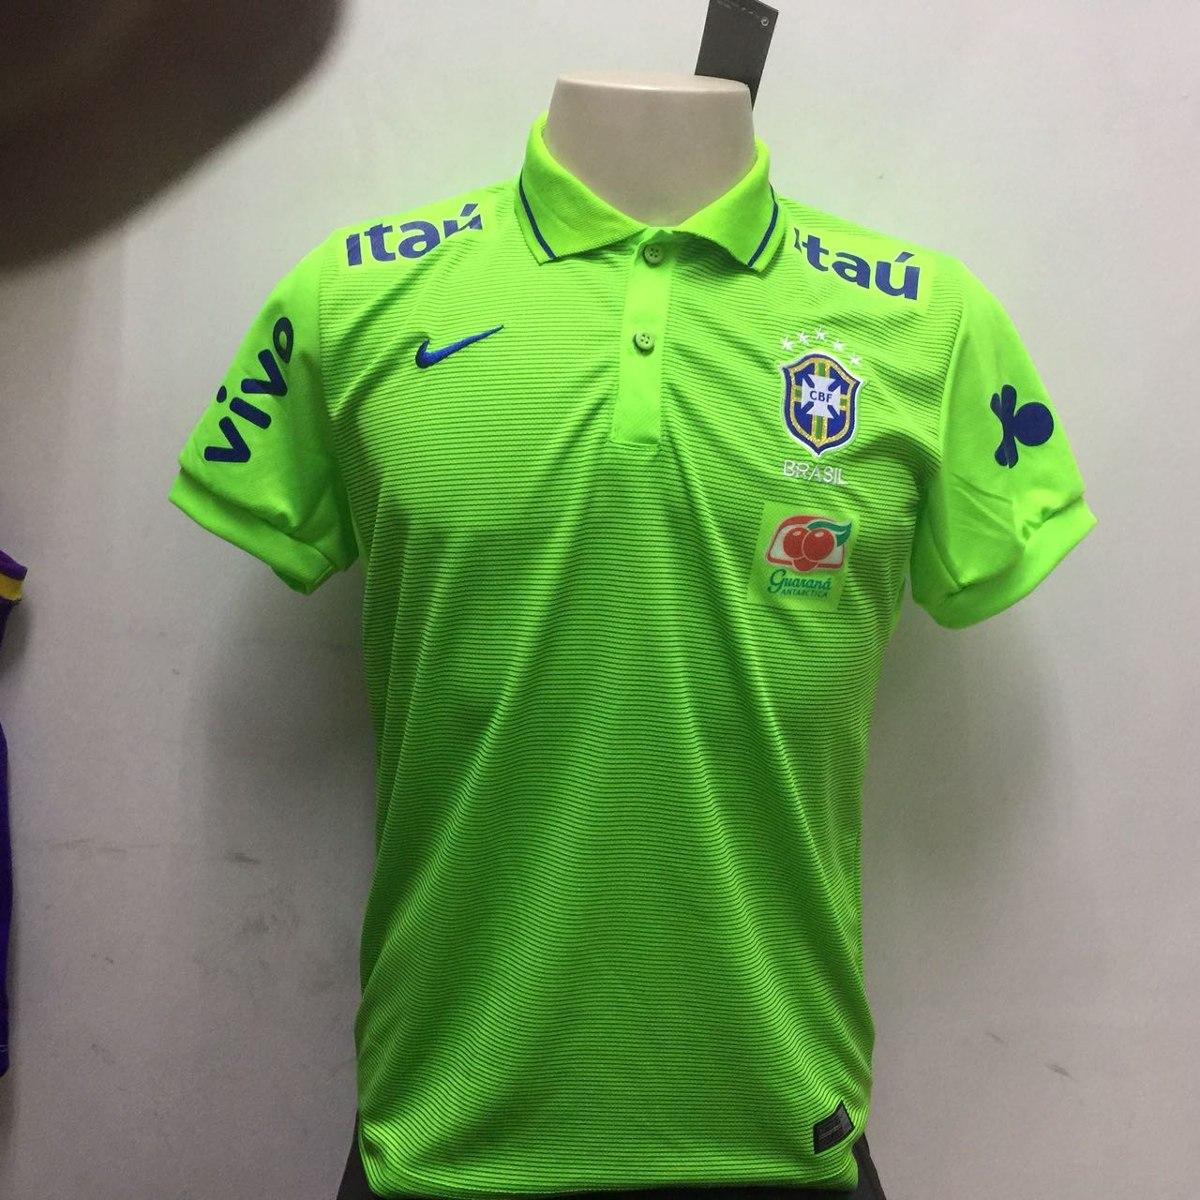 d7bdef9417 nova camisa nike seleção brasileira 2018 dry-fit verde. Carregando zoom.